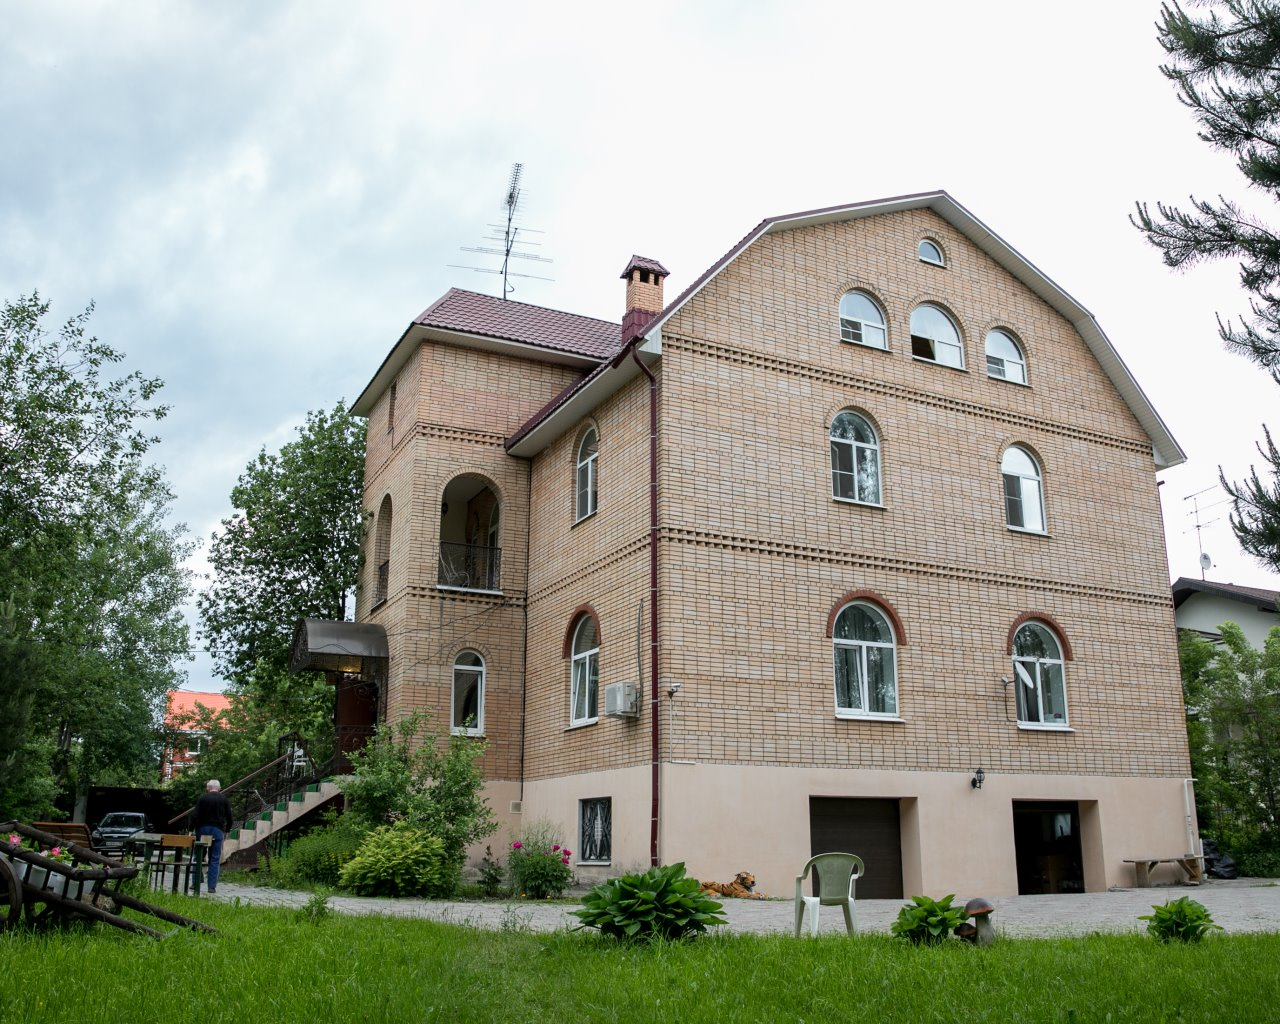 Работа горничной москва пансионаты для престарелых частный дом-интернат для инвалидов и престарелых